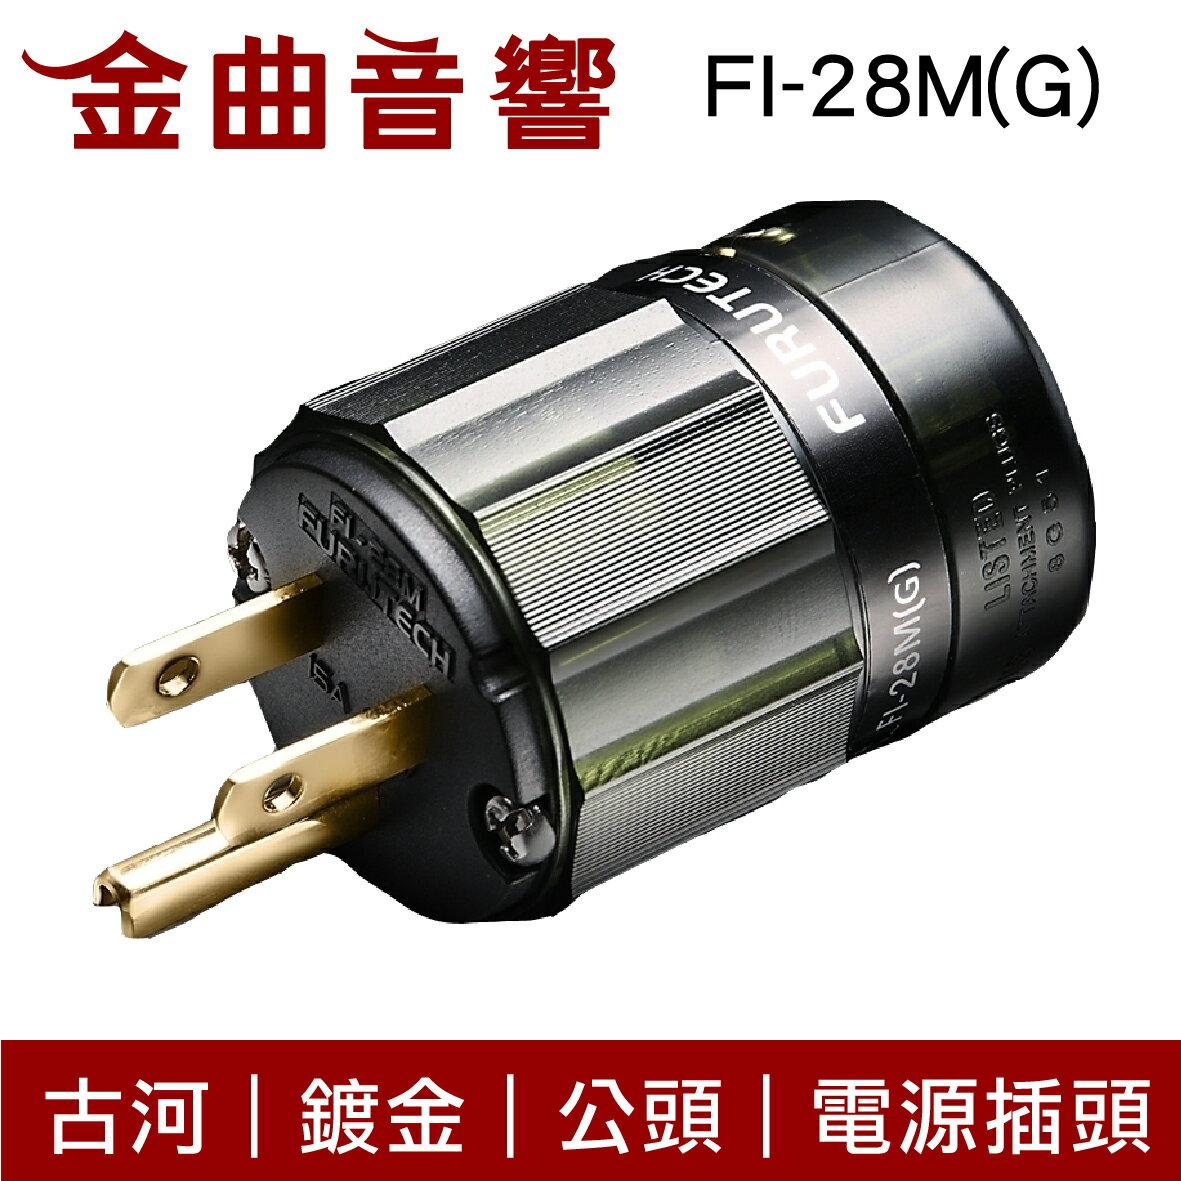 FURUTECH 古河 FI-28M(G) 鍍金 公頭 電源插頭 | 金曲音響